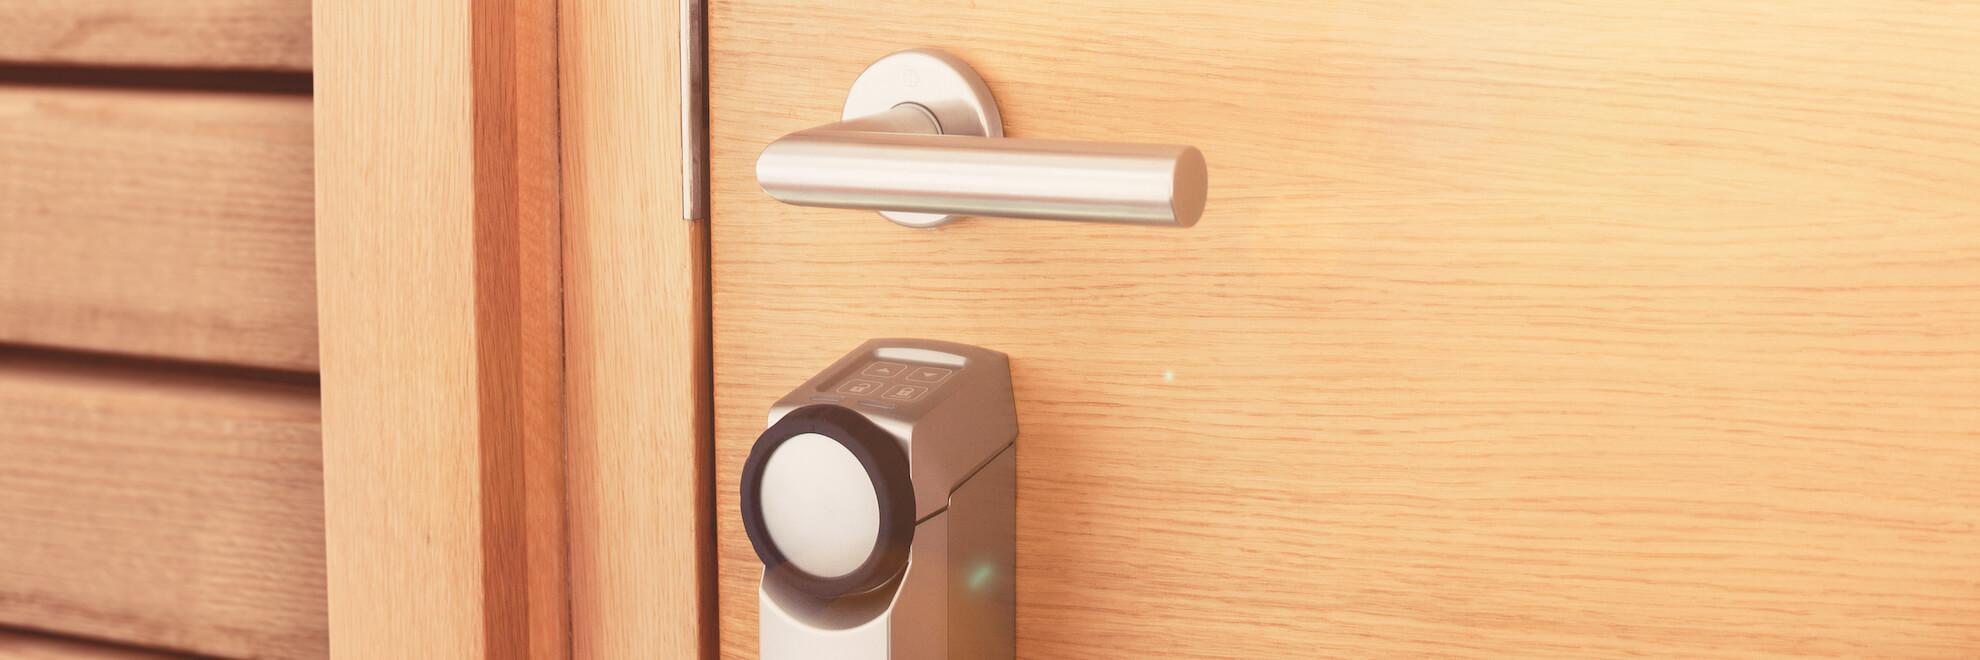 Elektronischer Einbruchschutz effektiver einbruchschutz in berlin falke sicherheitstechnik